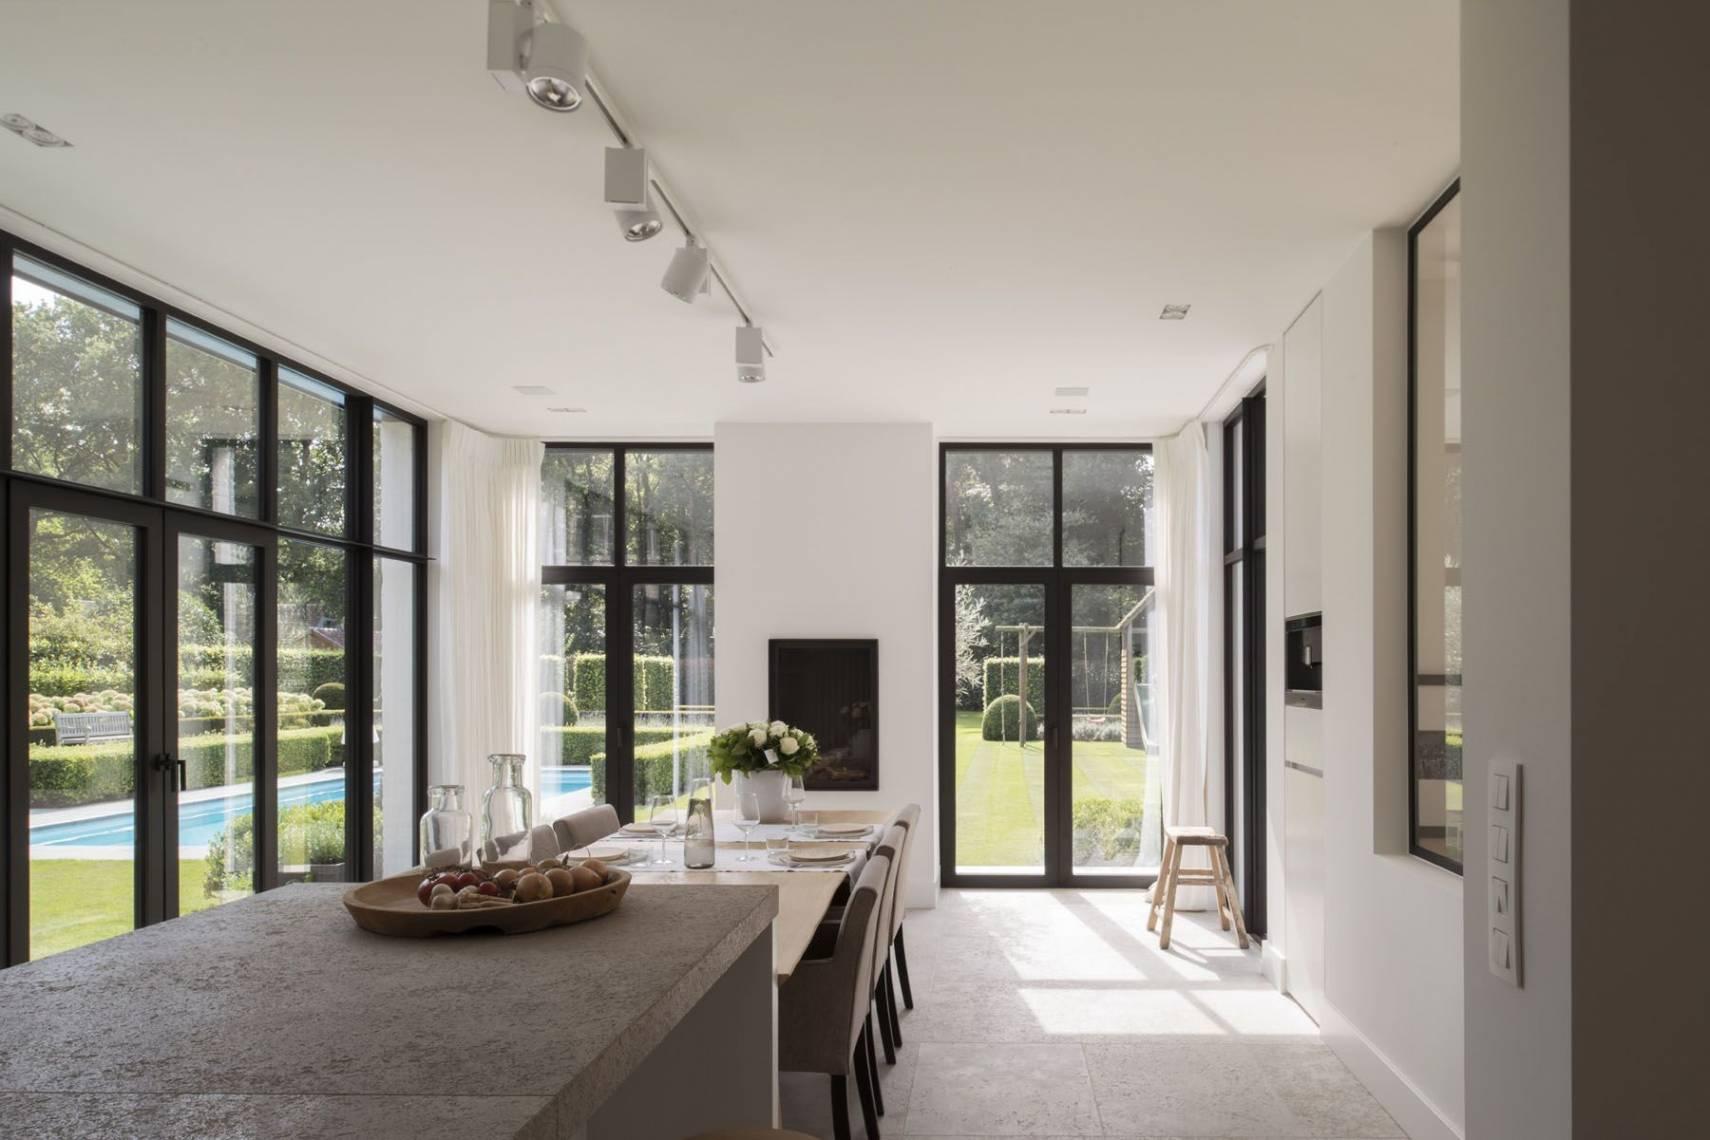 groses wohnzimmer ideen luxury kleines schlafzimmer gemutlich gestalten temobardz home blog of groses wohnzimmer ideen